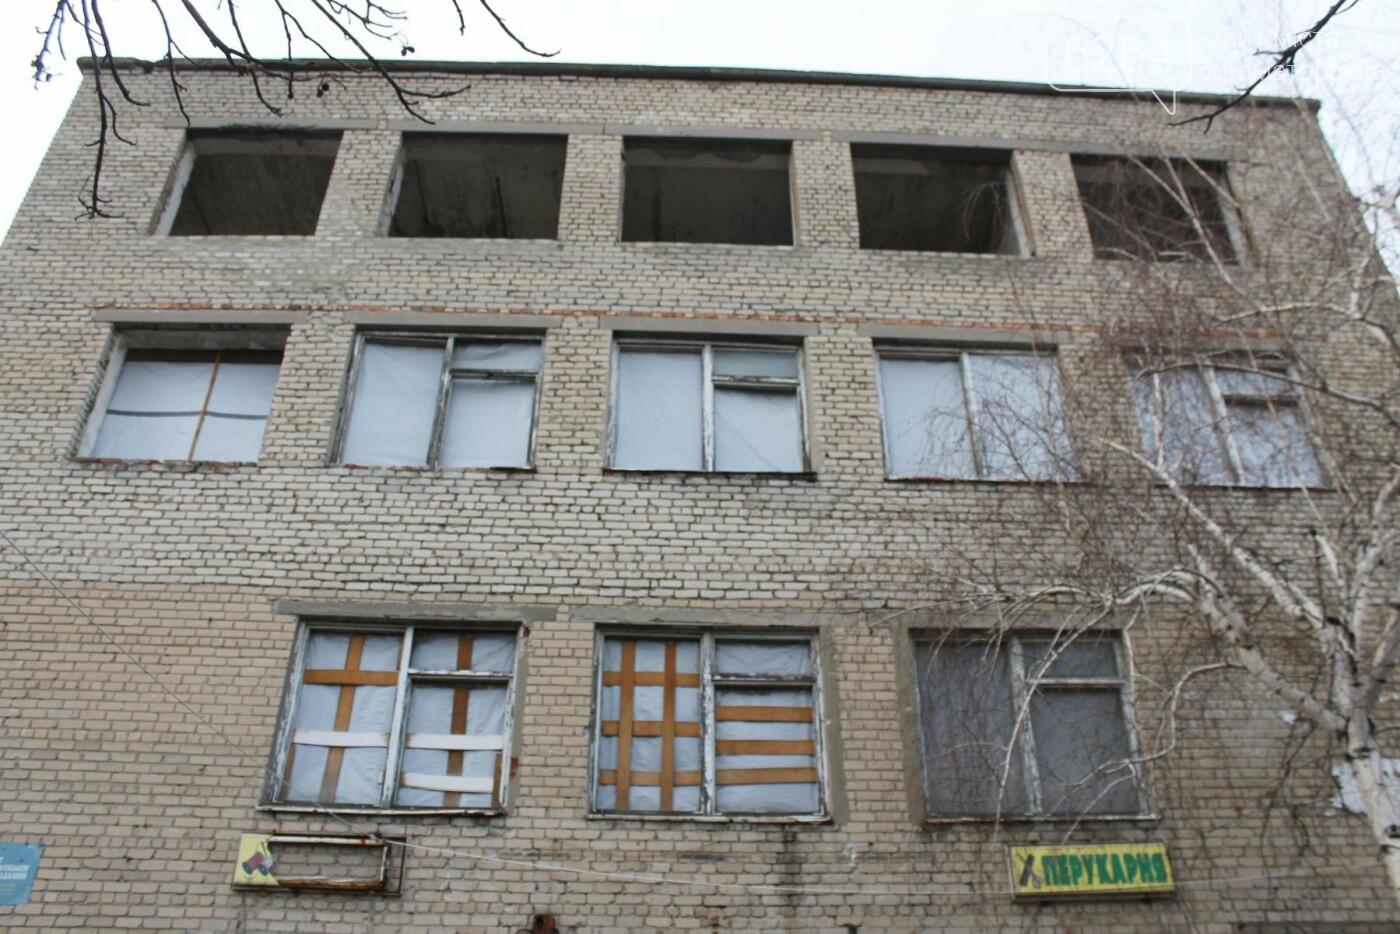 Необъявленная война глазами очевидцев: Марьинка - тонкая граница между стабильностью и разрушенным благополучием , фото-6